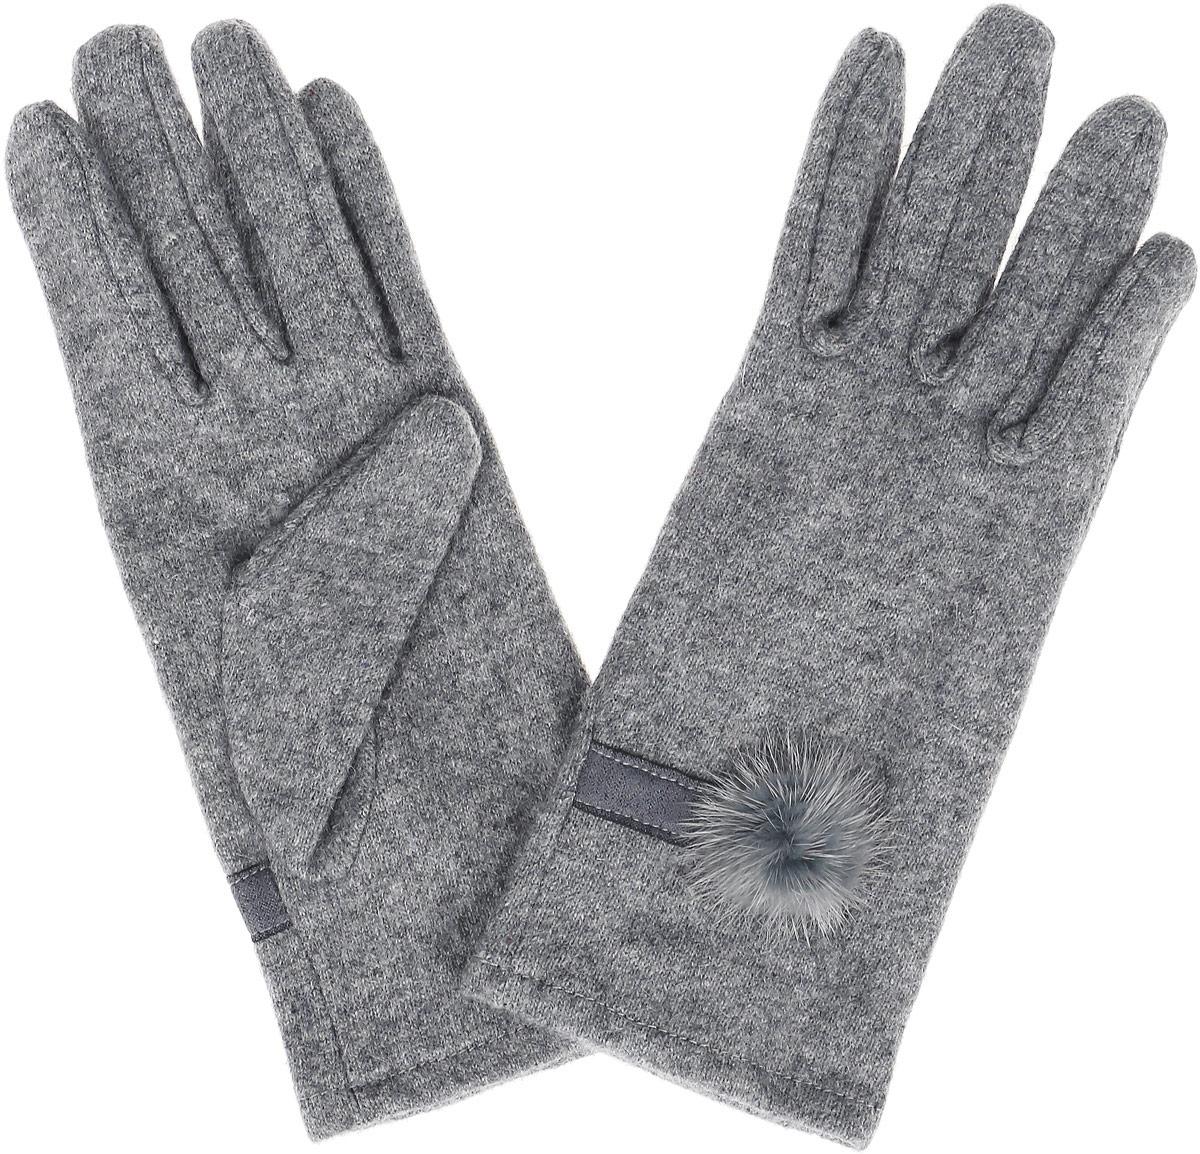 GL-143/063-6302Элегантные женские перчатки Sela, выполненные из акрила с добавлением шерсти, не только согреют пальчики, но и дополнят ваш наряд в качестве эффектного аксессуара. Эластичный трикотаж не будет стеснять движений. Внешняя сторона перчатки декорирована трикотажной полоской и мехом. Перчатки станут завершающим и подчеркивающим элементом вашего стиля и неповторимости.